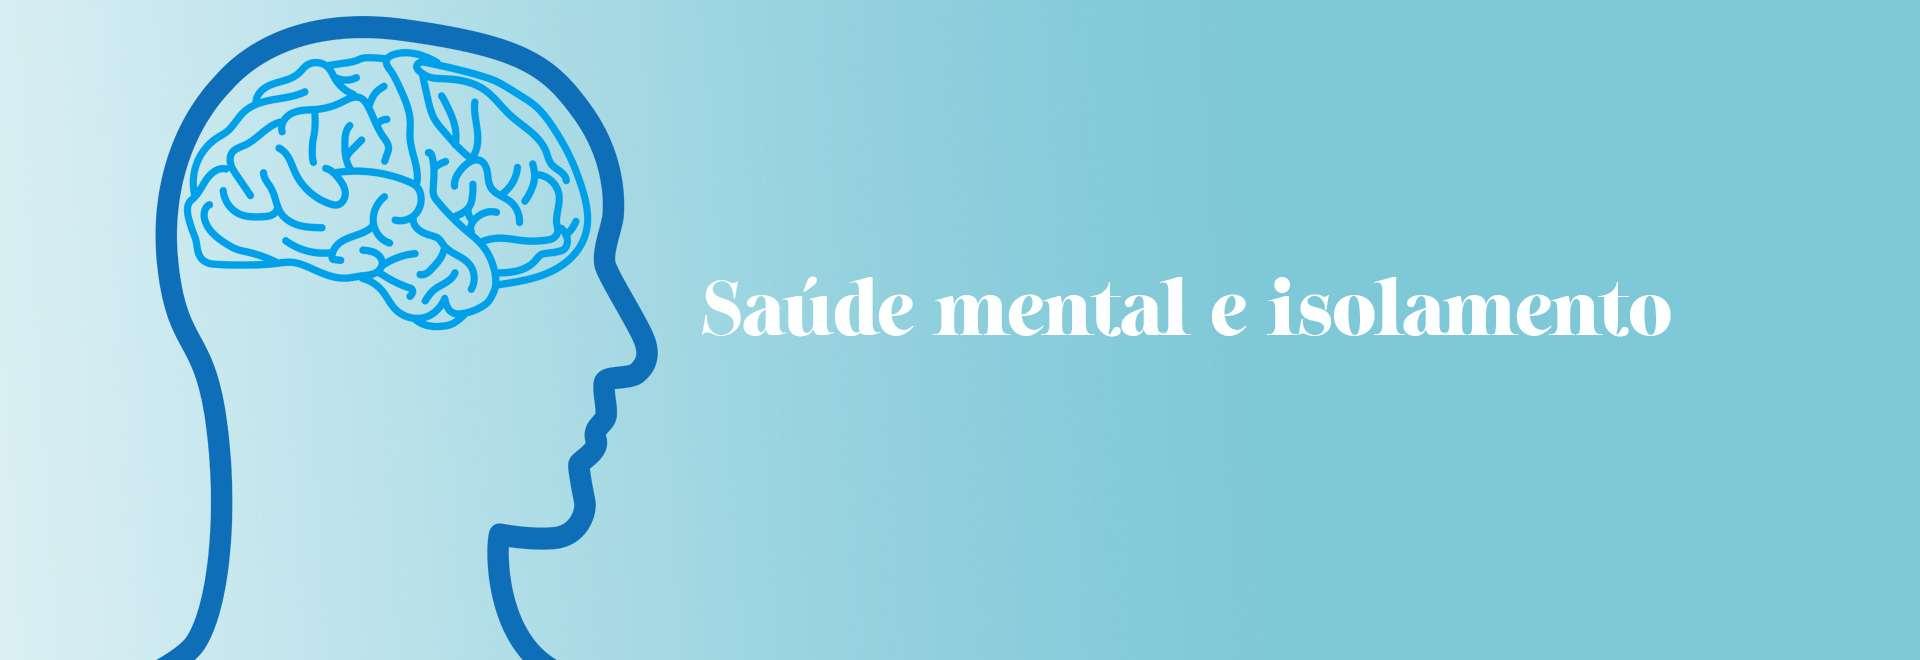 Entrevista: Como cuidar da saúde mental durante isolamento social?